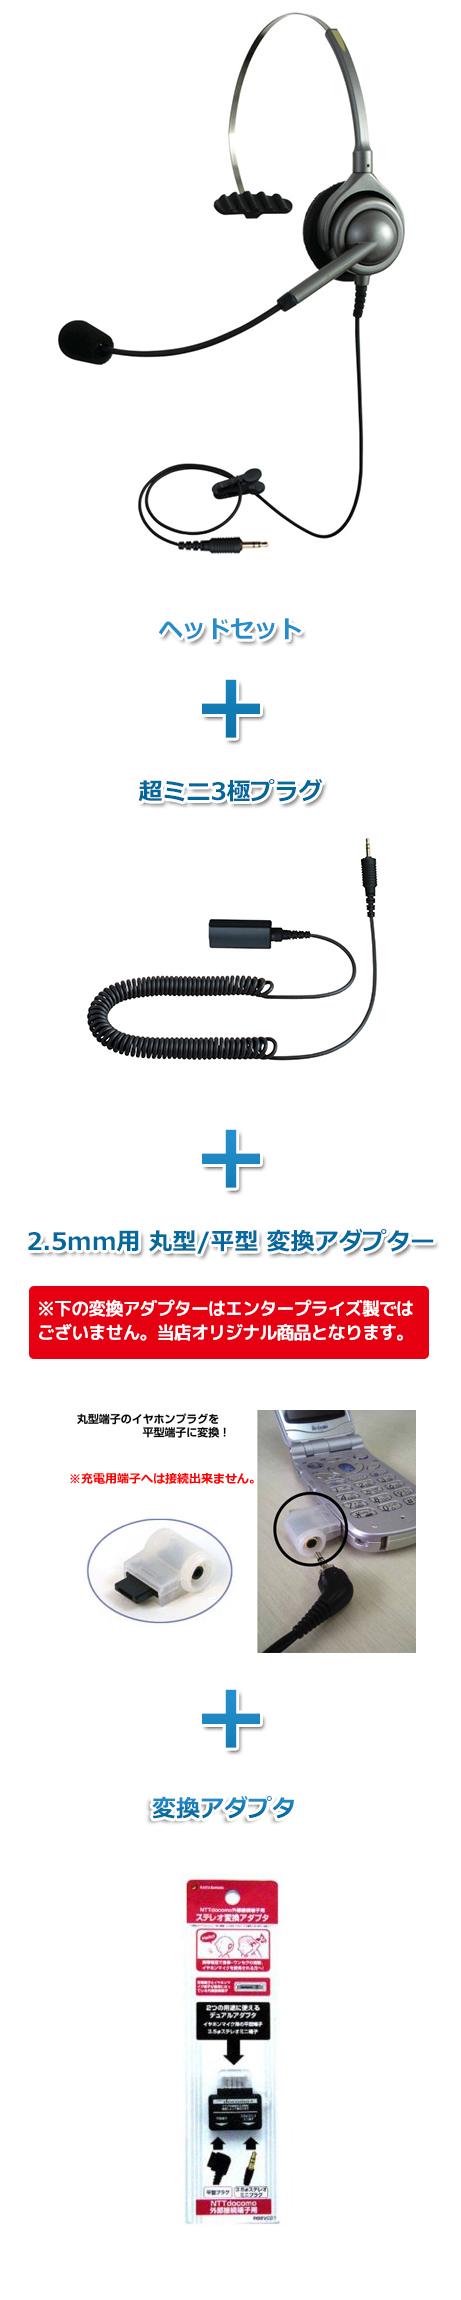 【送料無料】エンタープライズ製(日本製)ヘッドセット(外部接続端子接続 EN-M・M20・VH-0201・RB8VC01)